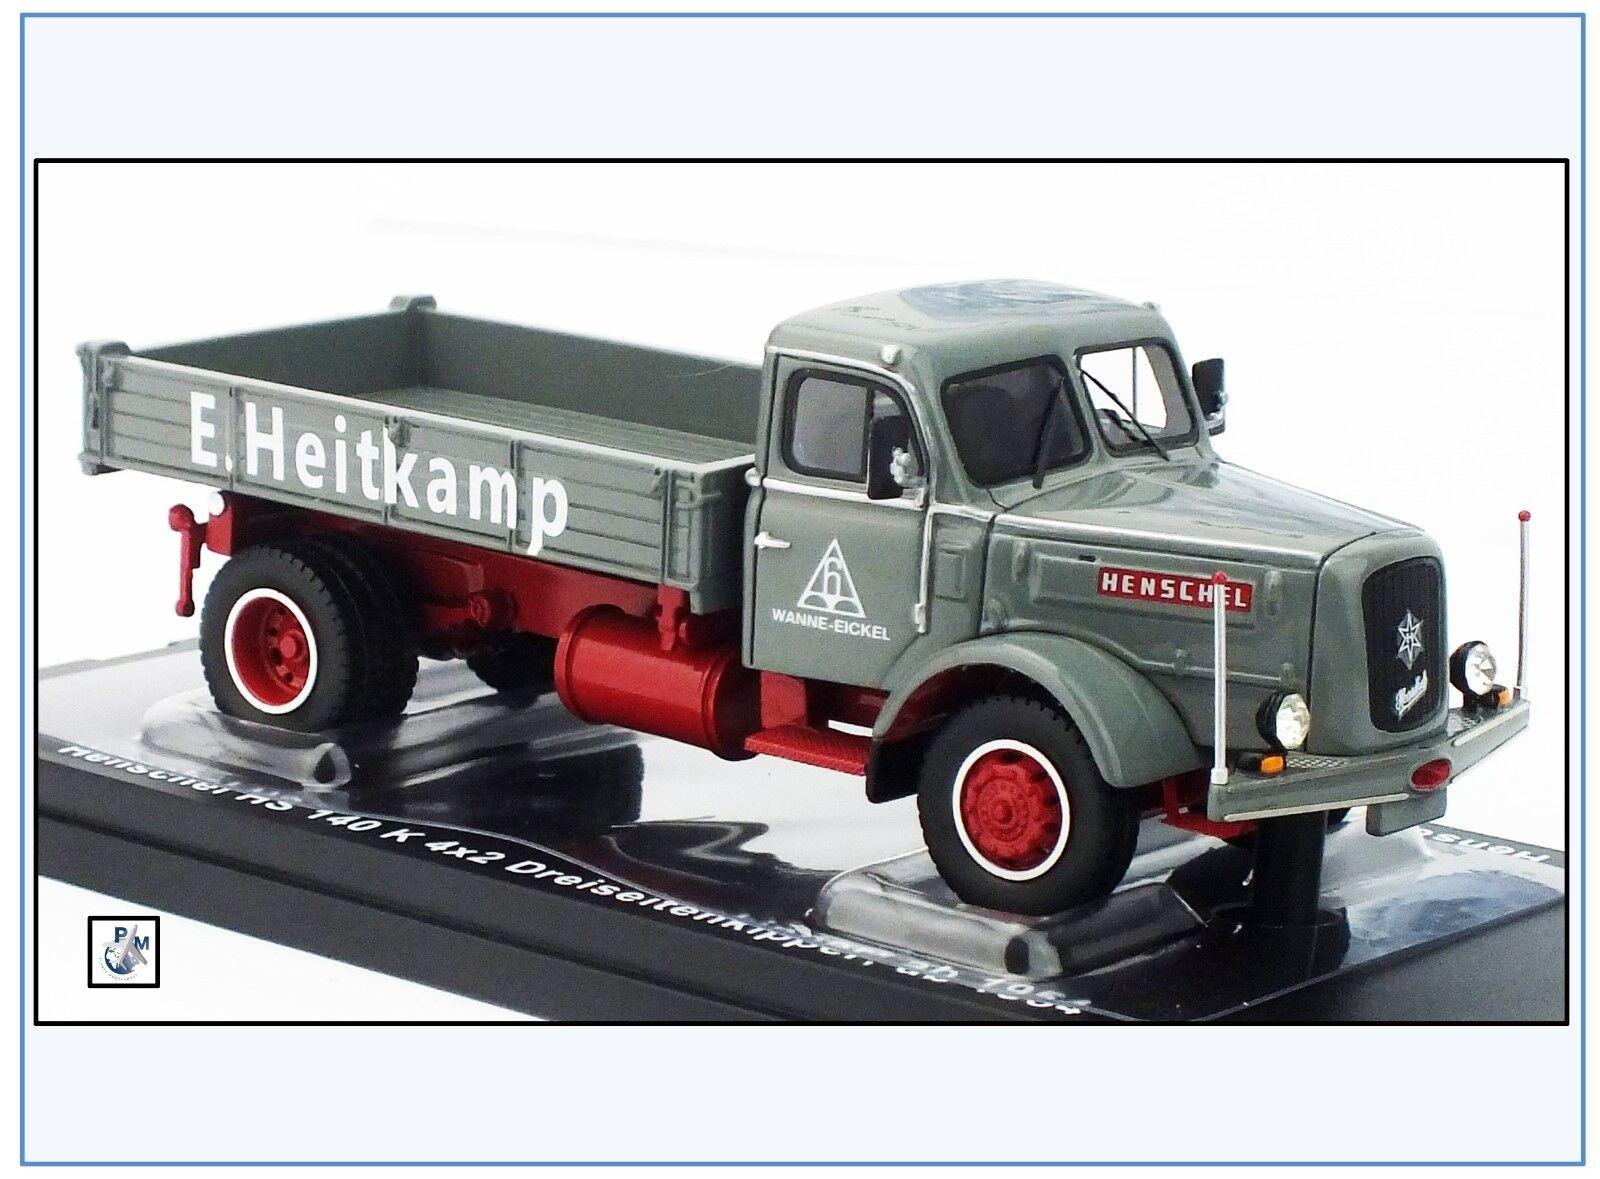 Henschel hs140 K dreiseiten benne,  Heitkamp , oren Oldies 1 50, nouveauté 3 2018